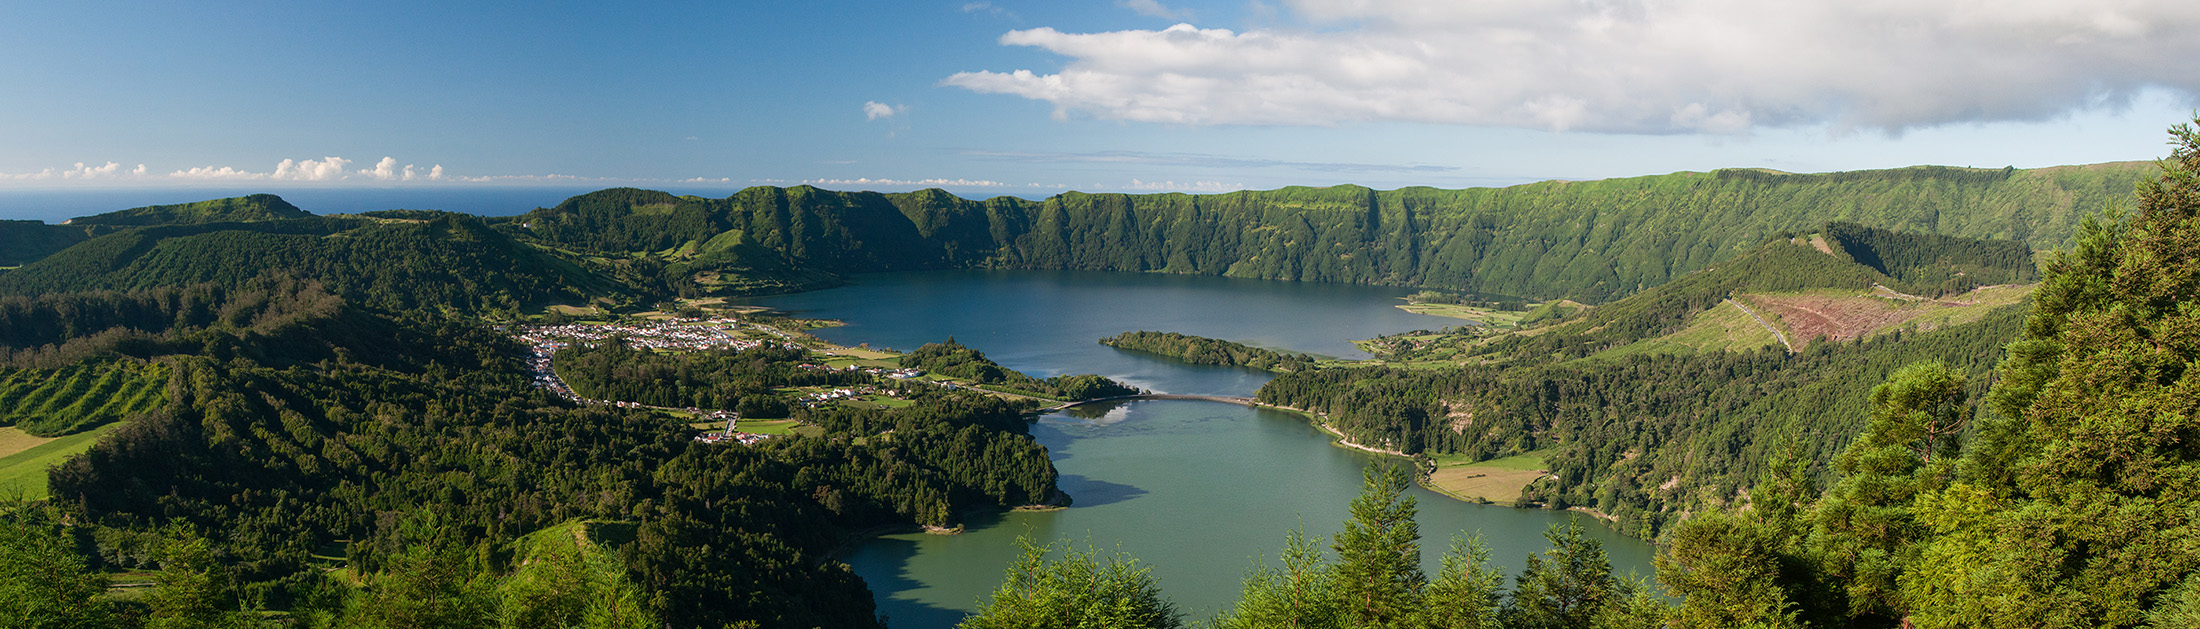 Sete cidades - Açores - Portugal